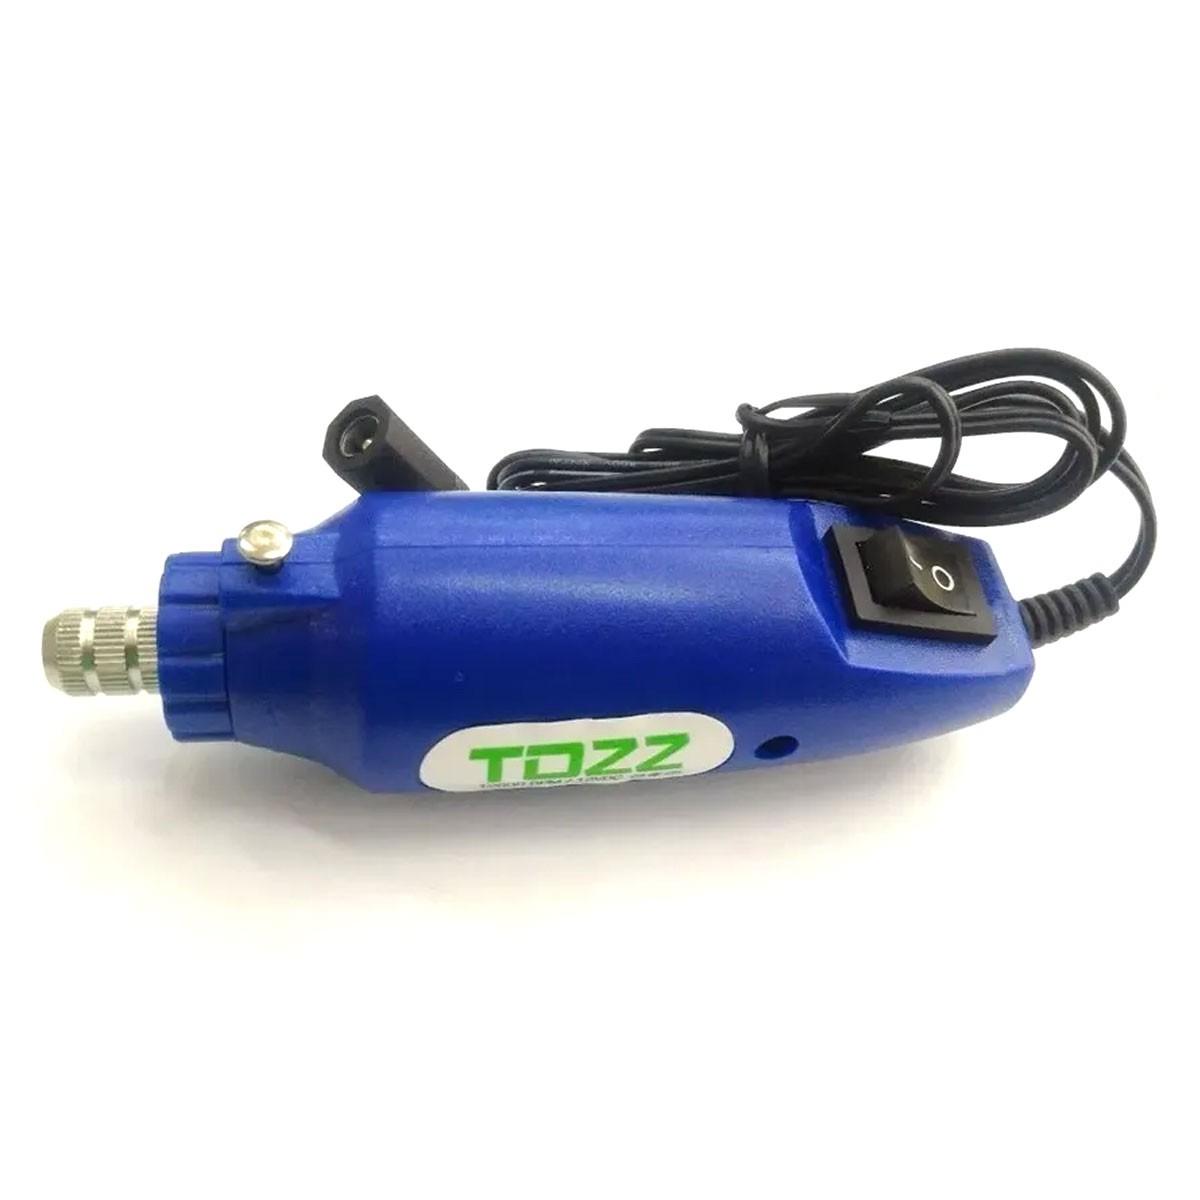 Mini Furadeira Drill Retifica com Acessórios para Artesanato, furar Placa de Circuito Impresso